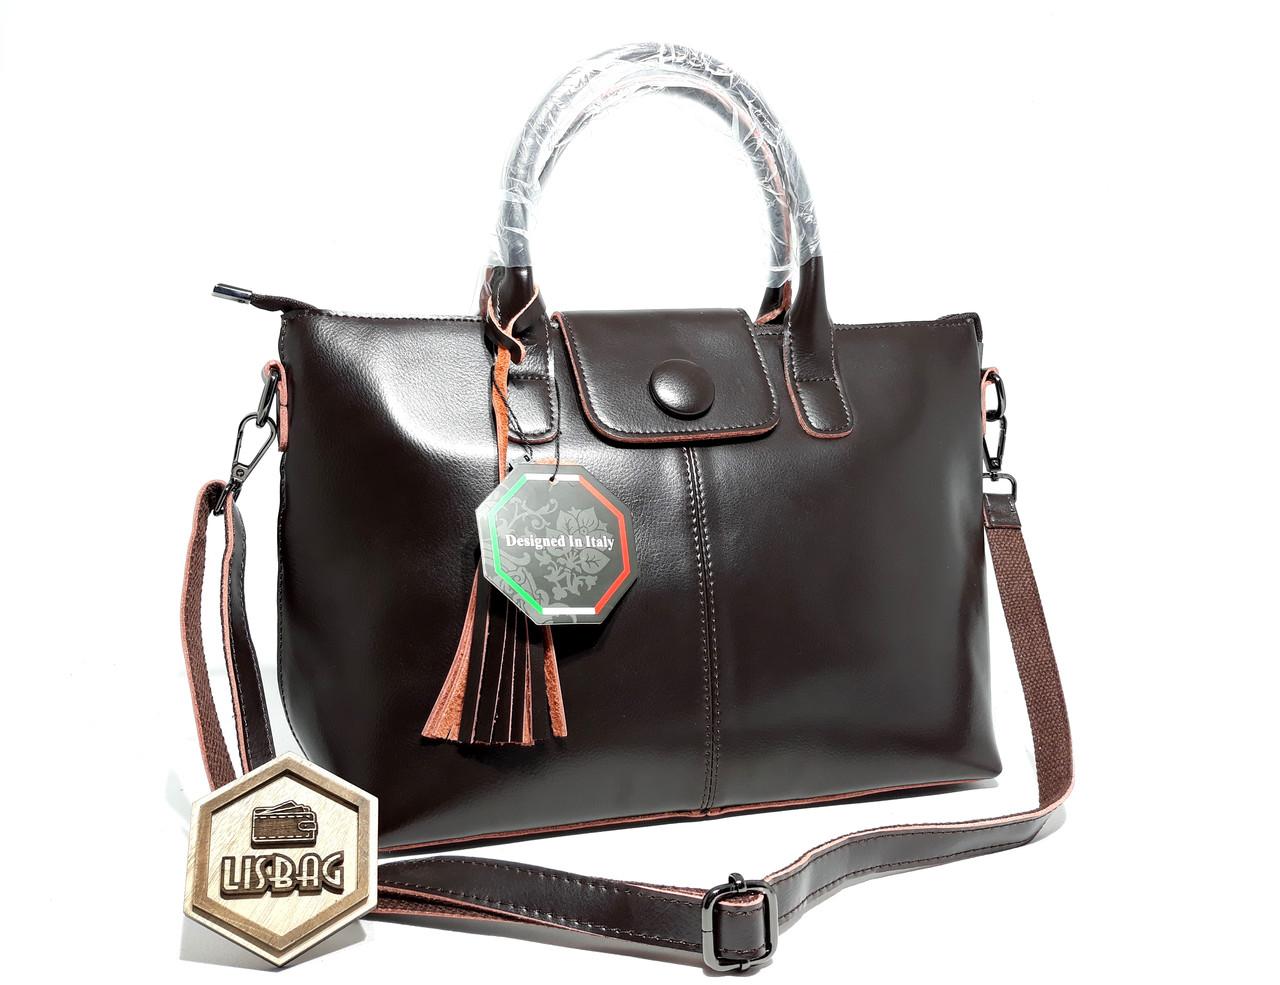 cc8295f65c54 Большая вместительная женская сумка из натуральной кожи, цвет Шоколад  (темно-коричневая) -